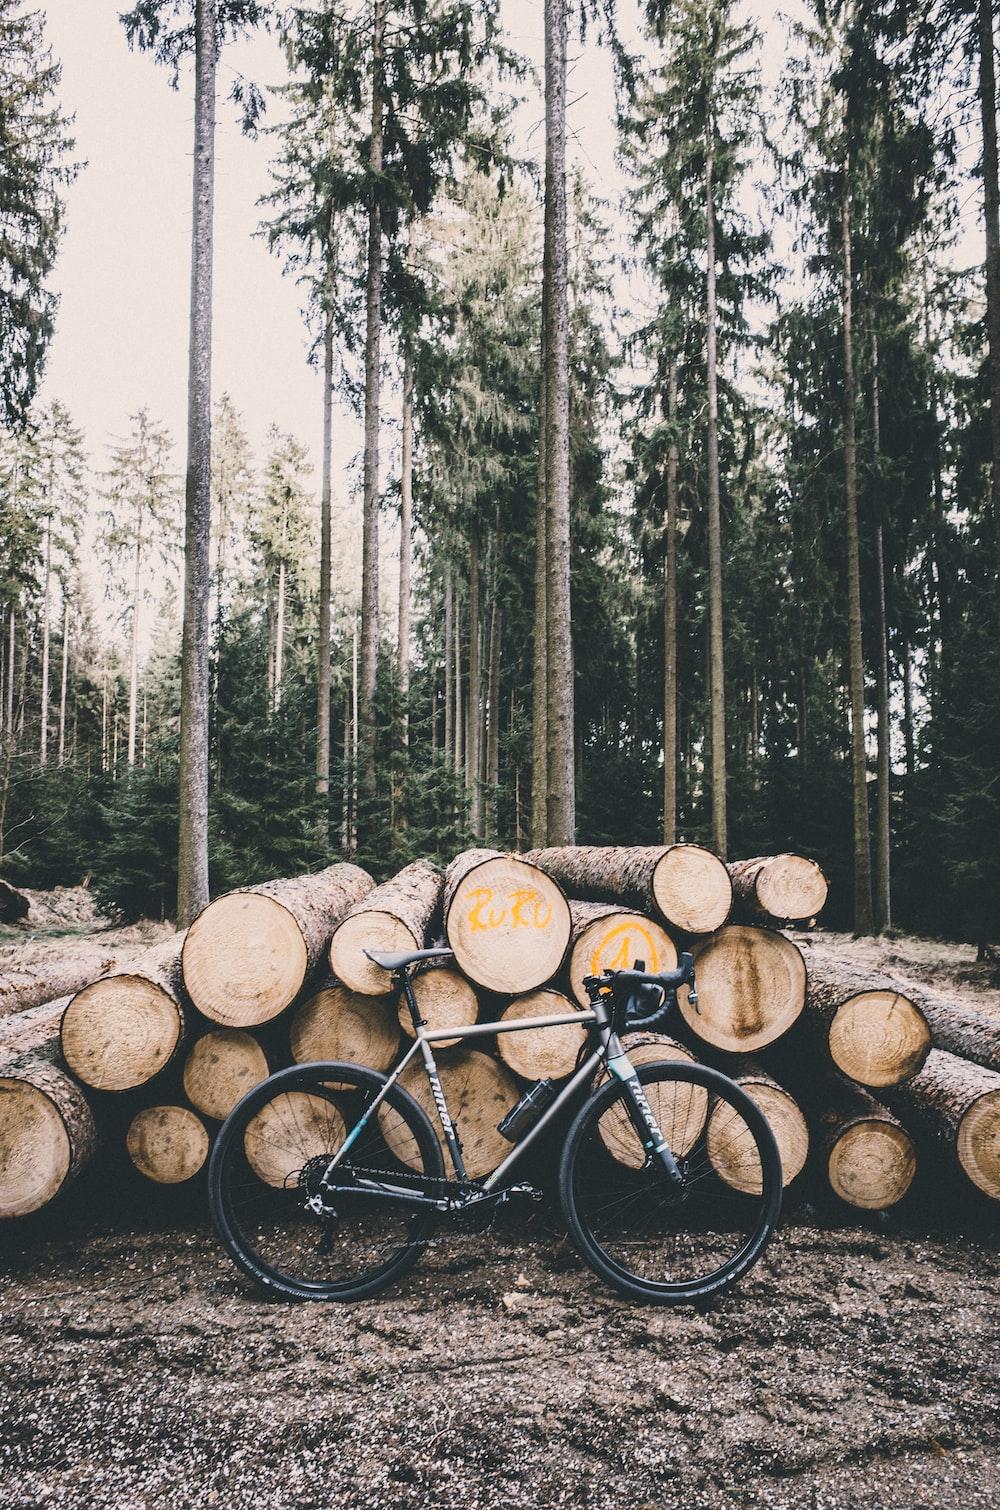 gray road bike leaning on tree logs